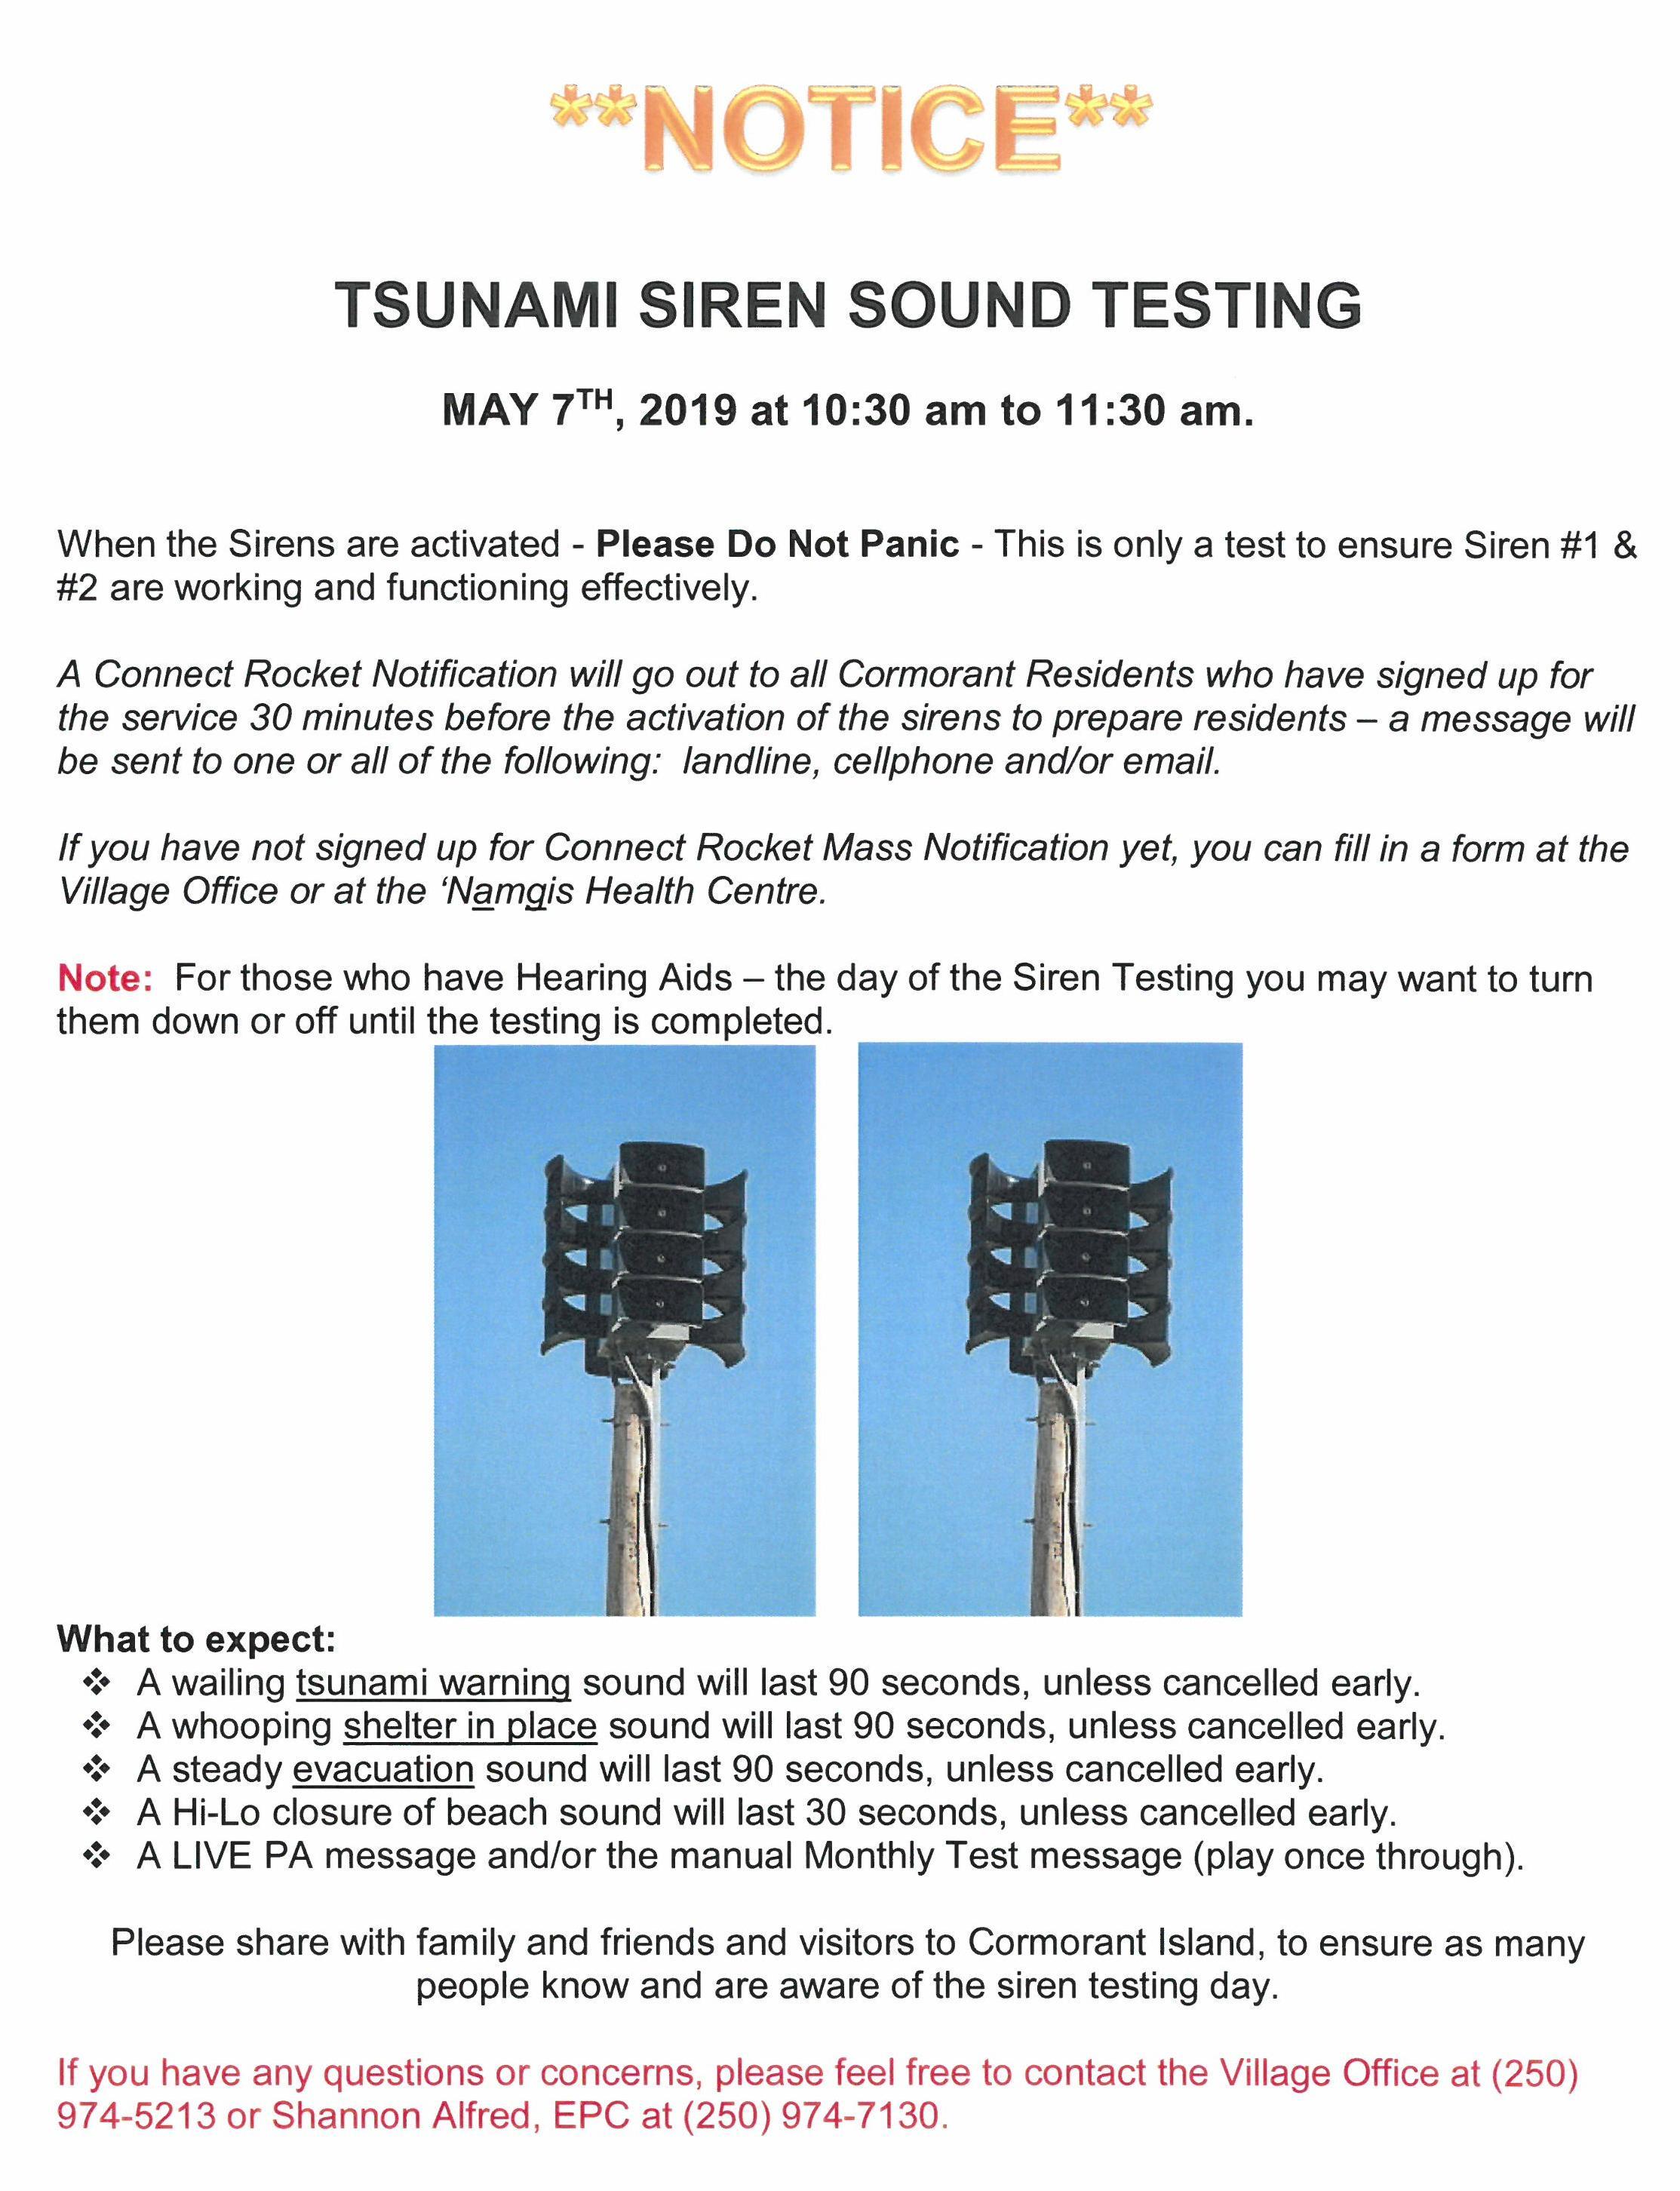 Tsunami Siren Testing Notice May 7, 2019.jpg